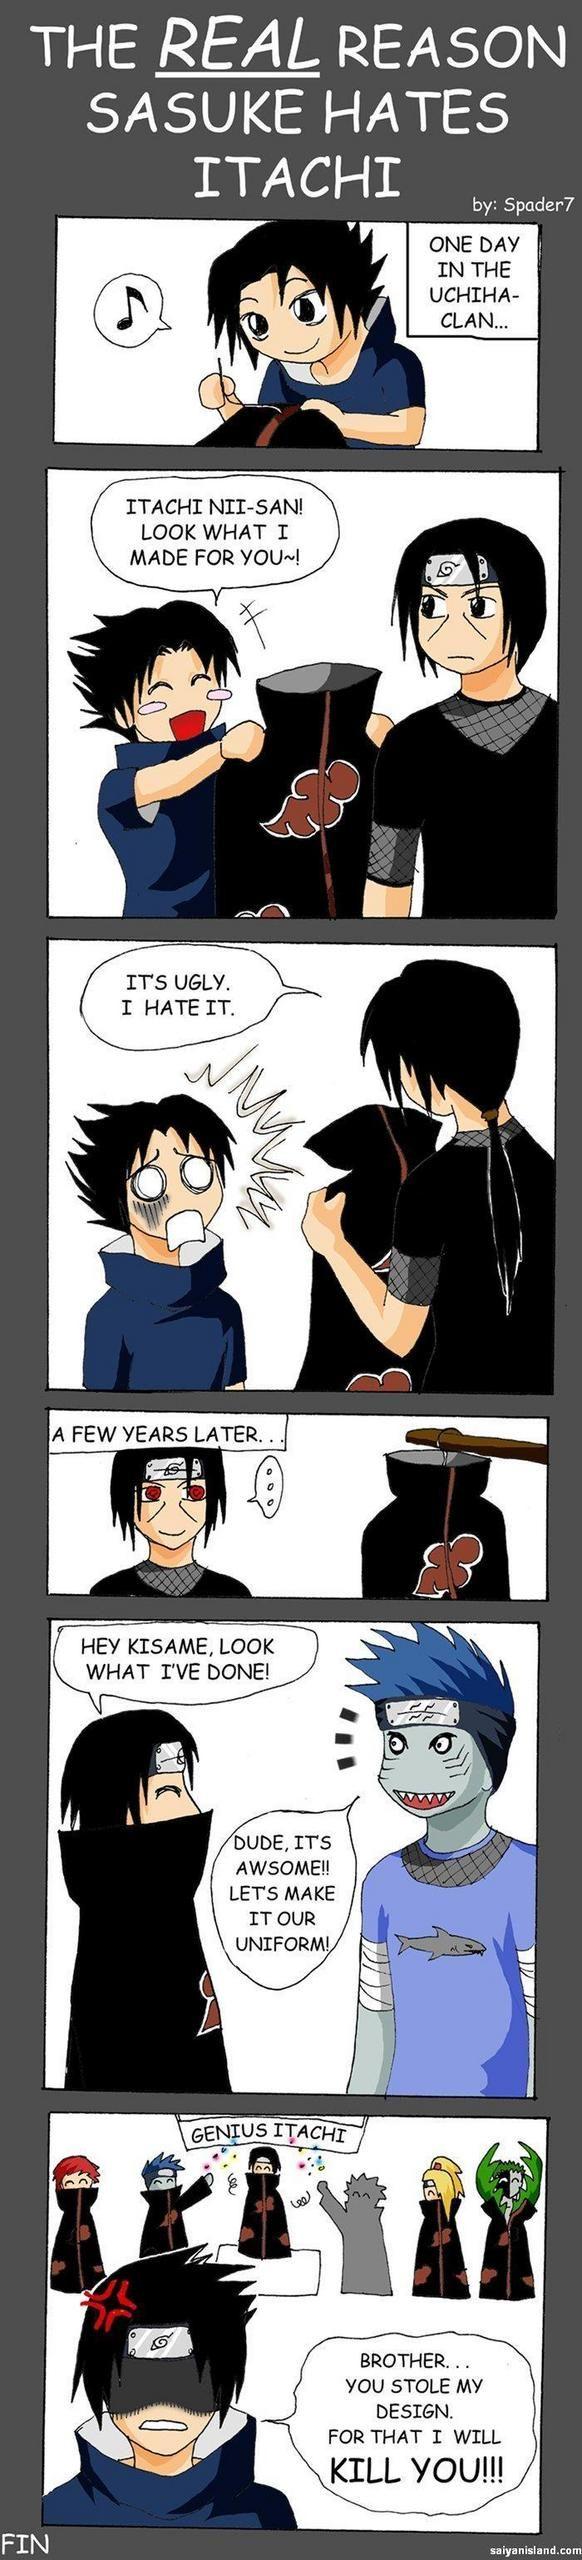 naruto funny pics | Funny pics - Naruto Photo (10863172) - Fanpop fanclubs